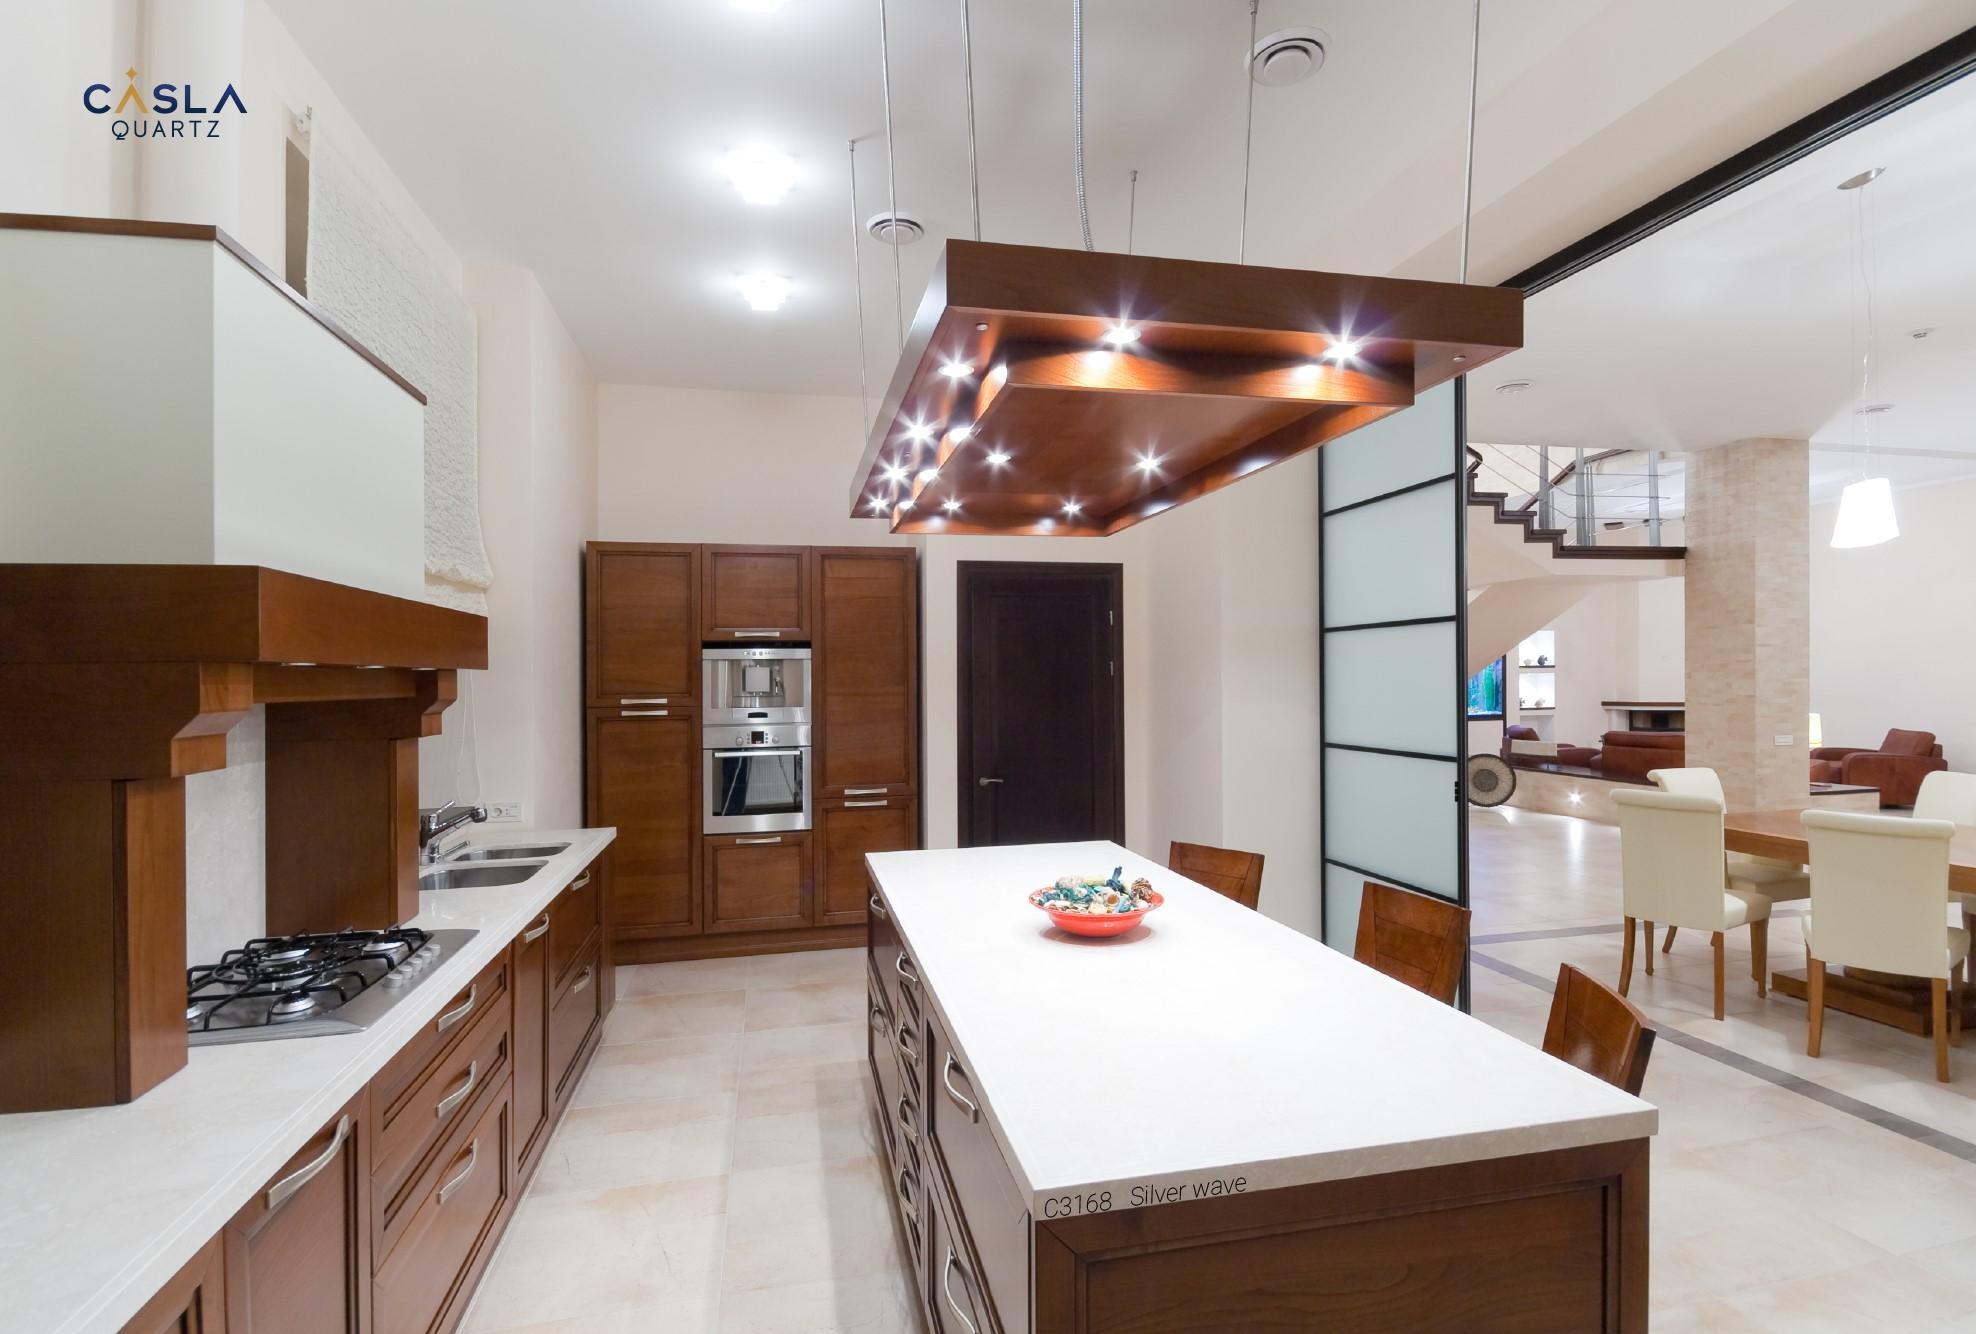 Chọn được đá ốp mặt bàn bếp chuẩn sẽ giúp cho hoàn thiện không gian bếp hơn